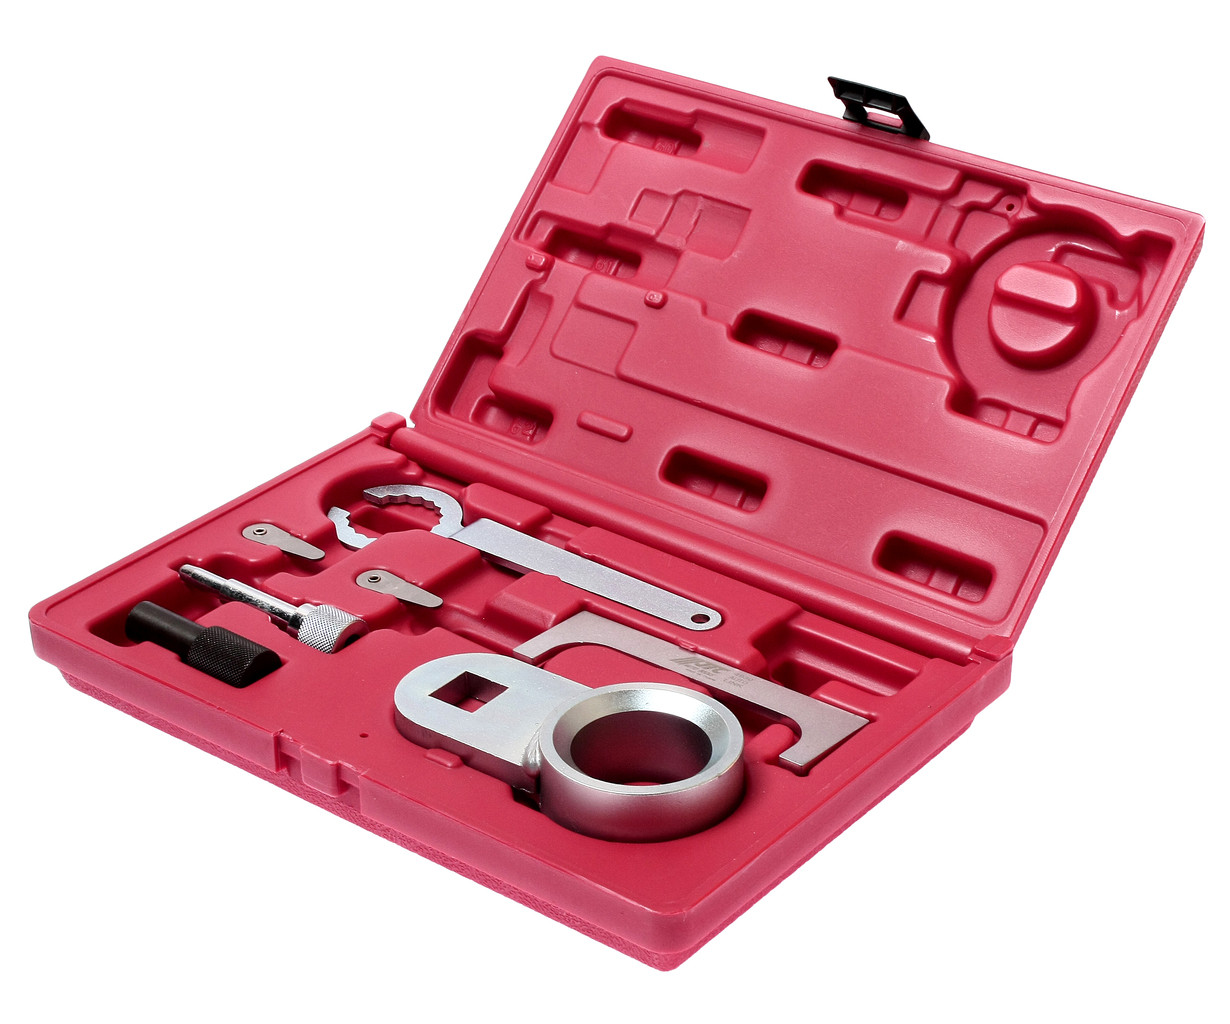 JTC Набор инструментов для фиксации и синхронизации распредвала VW Transporter,LT,Crafter (ремень) JTC